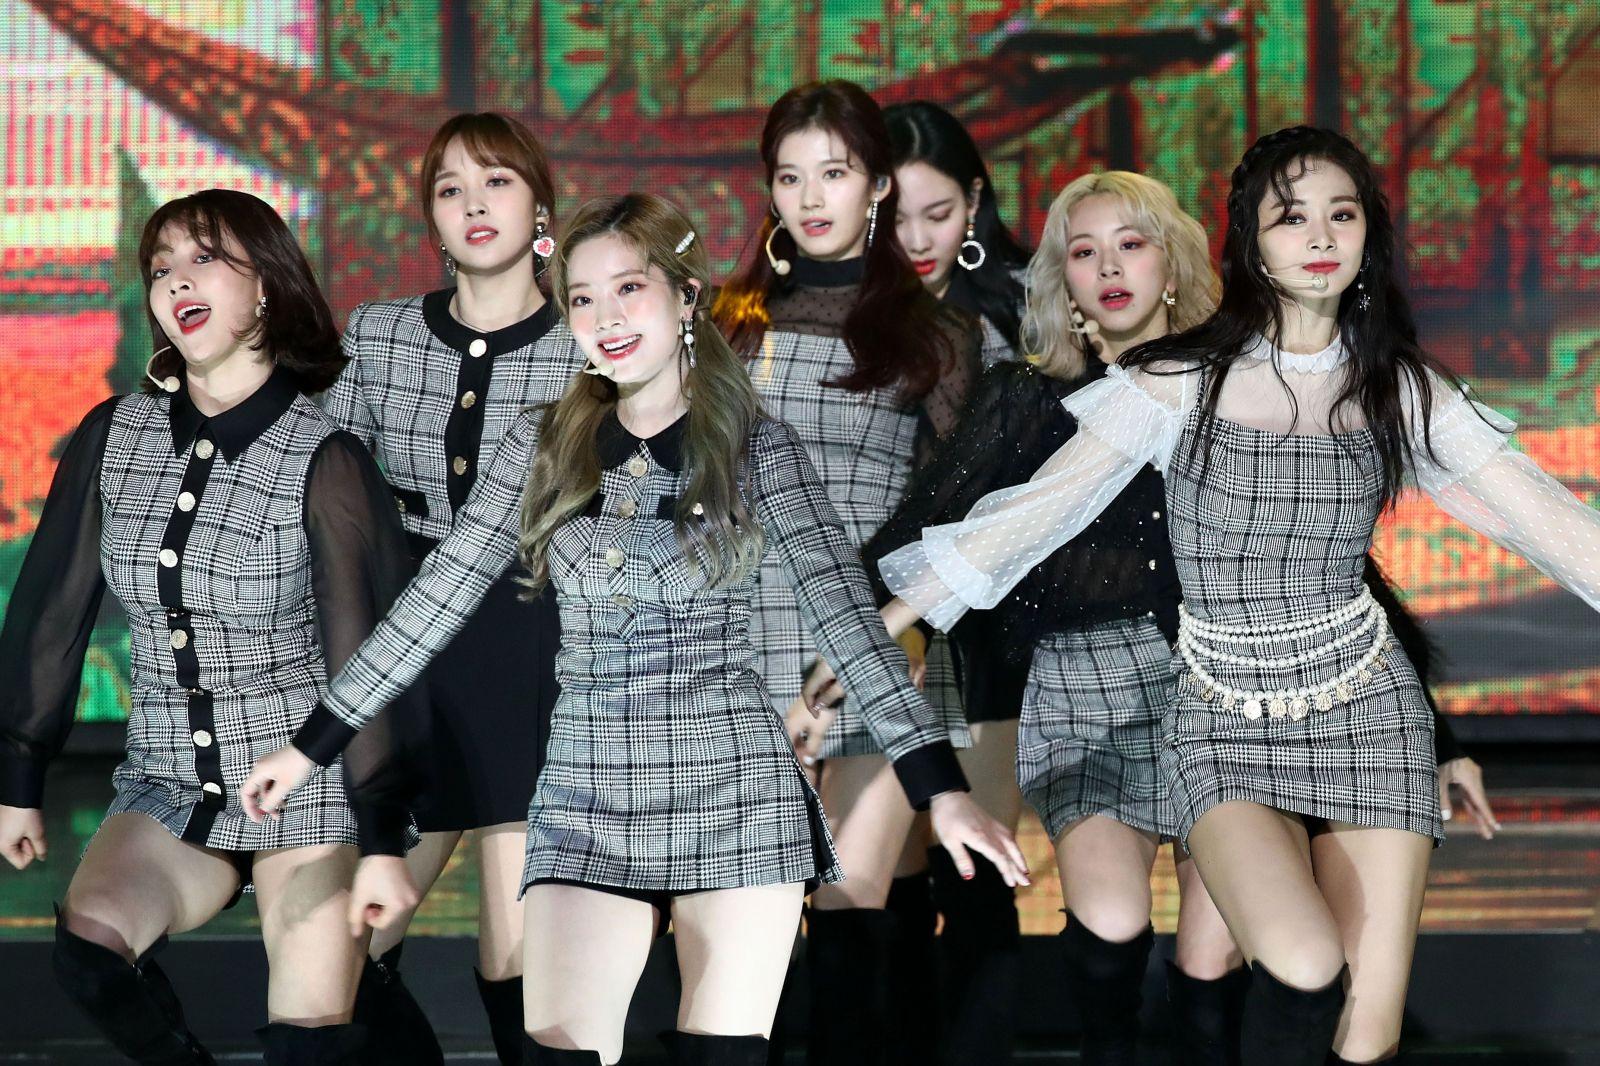 Kapela Twice počas vystúpenia na odovzdávaní cien Gaon Chart K-Pop Awards.